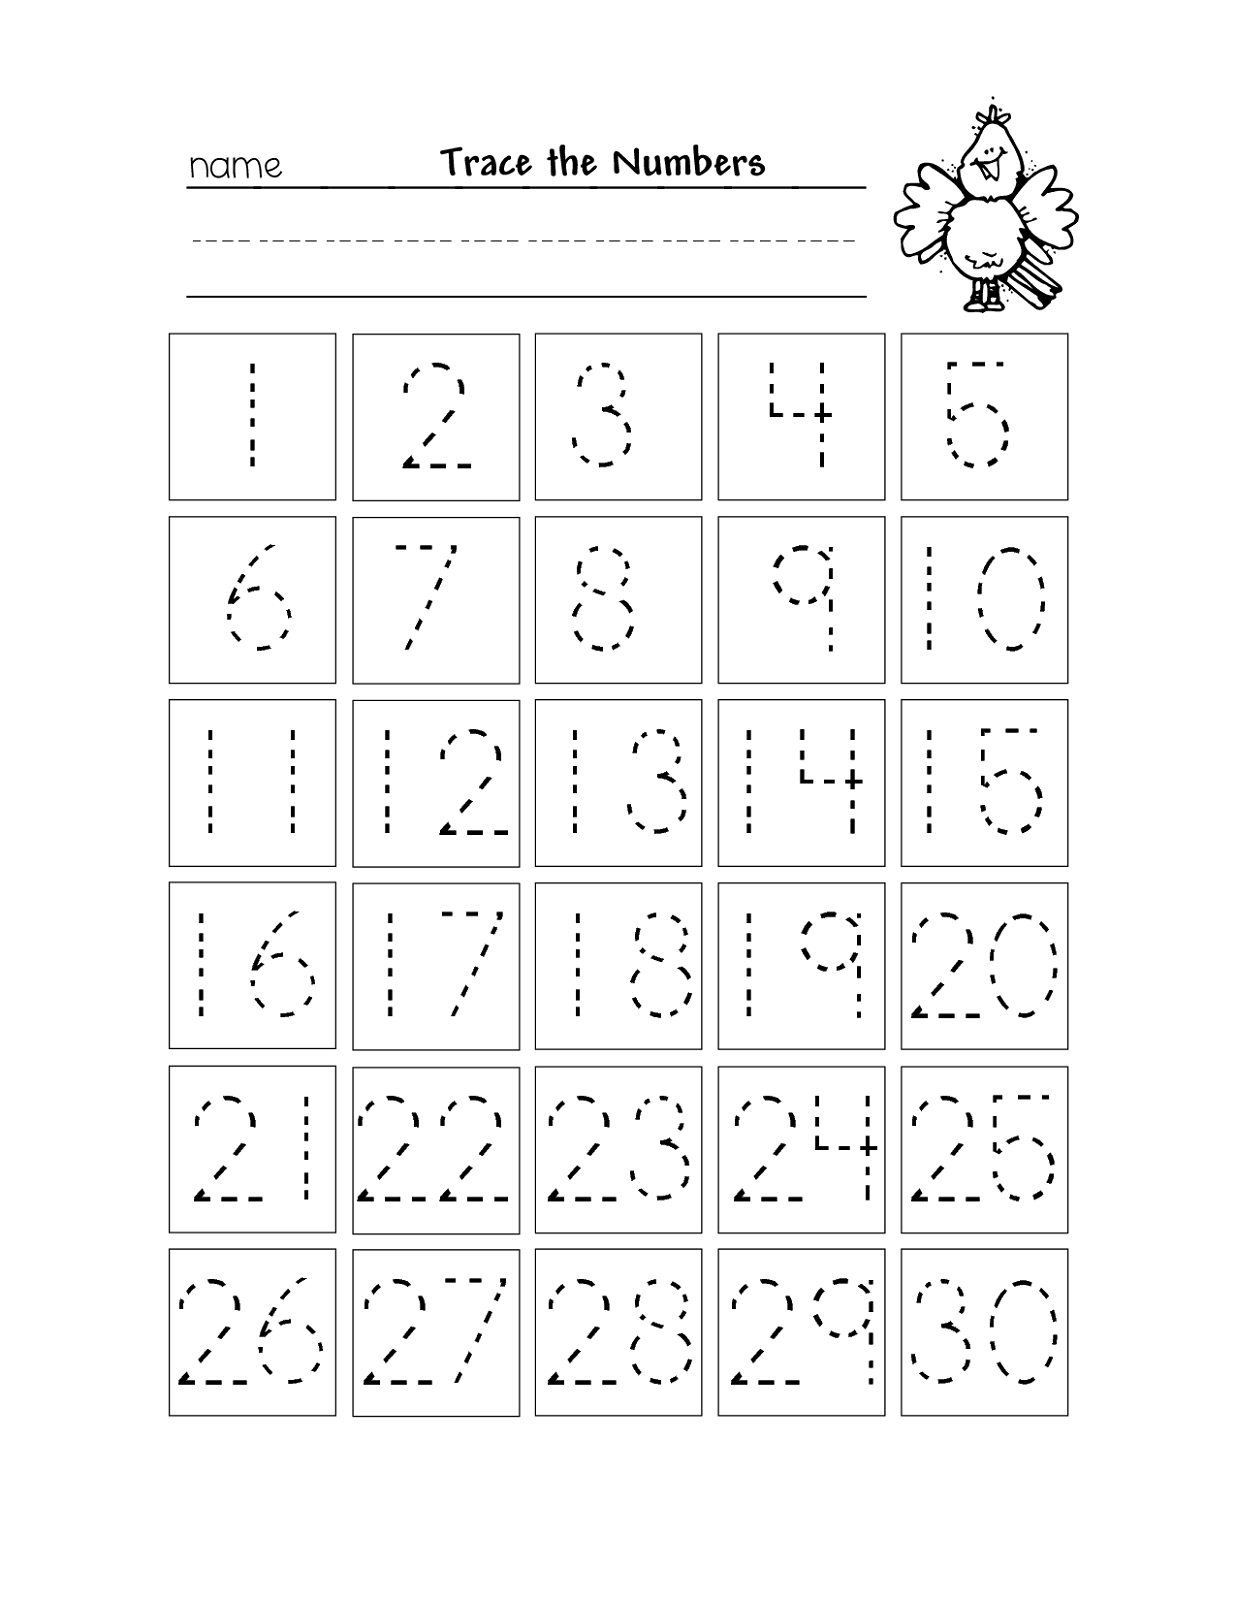 Free Printable Number Chart 1-30 | Kinder | Numbers Preschool - Free Printable Number Line To 30